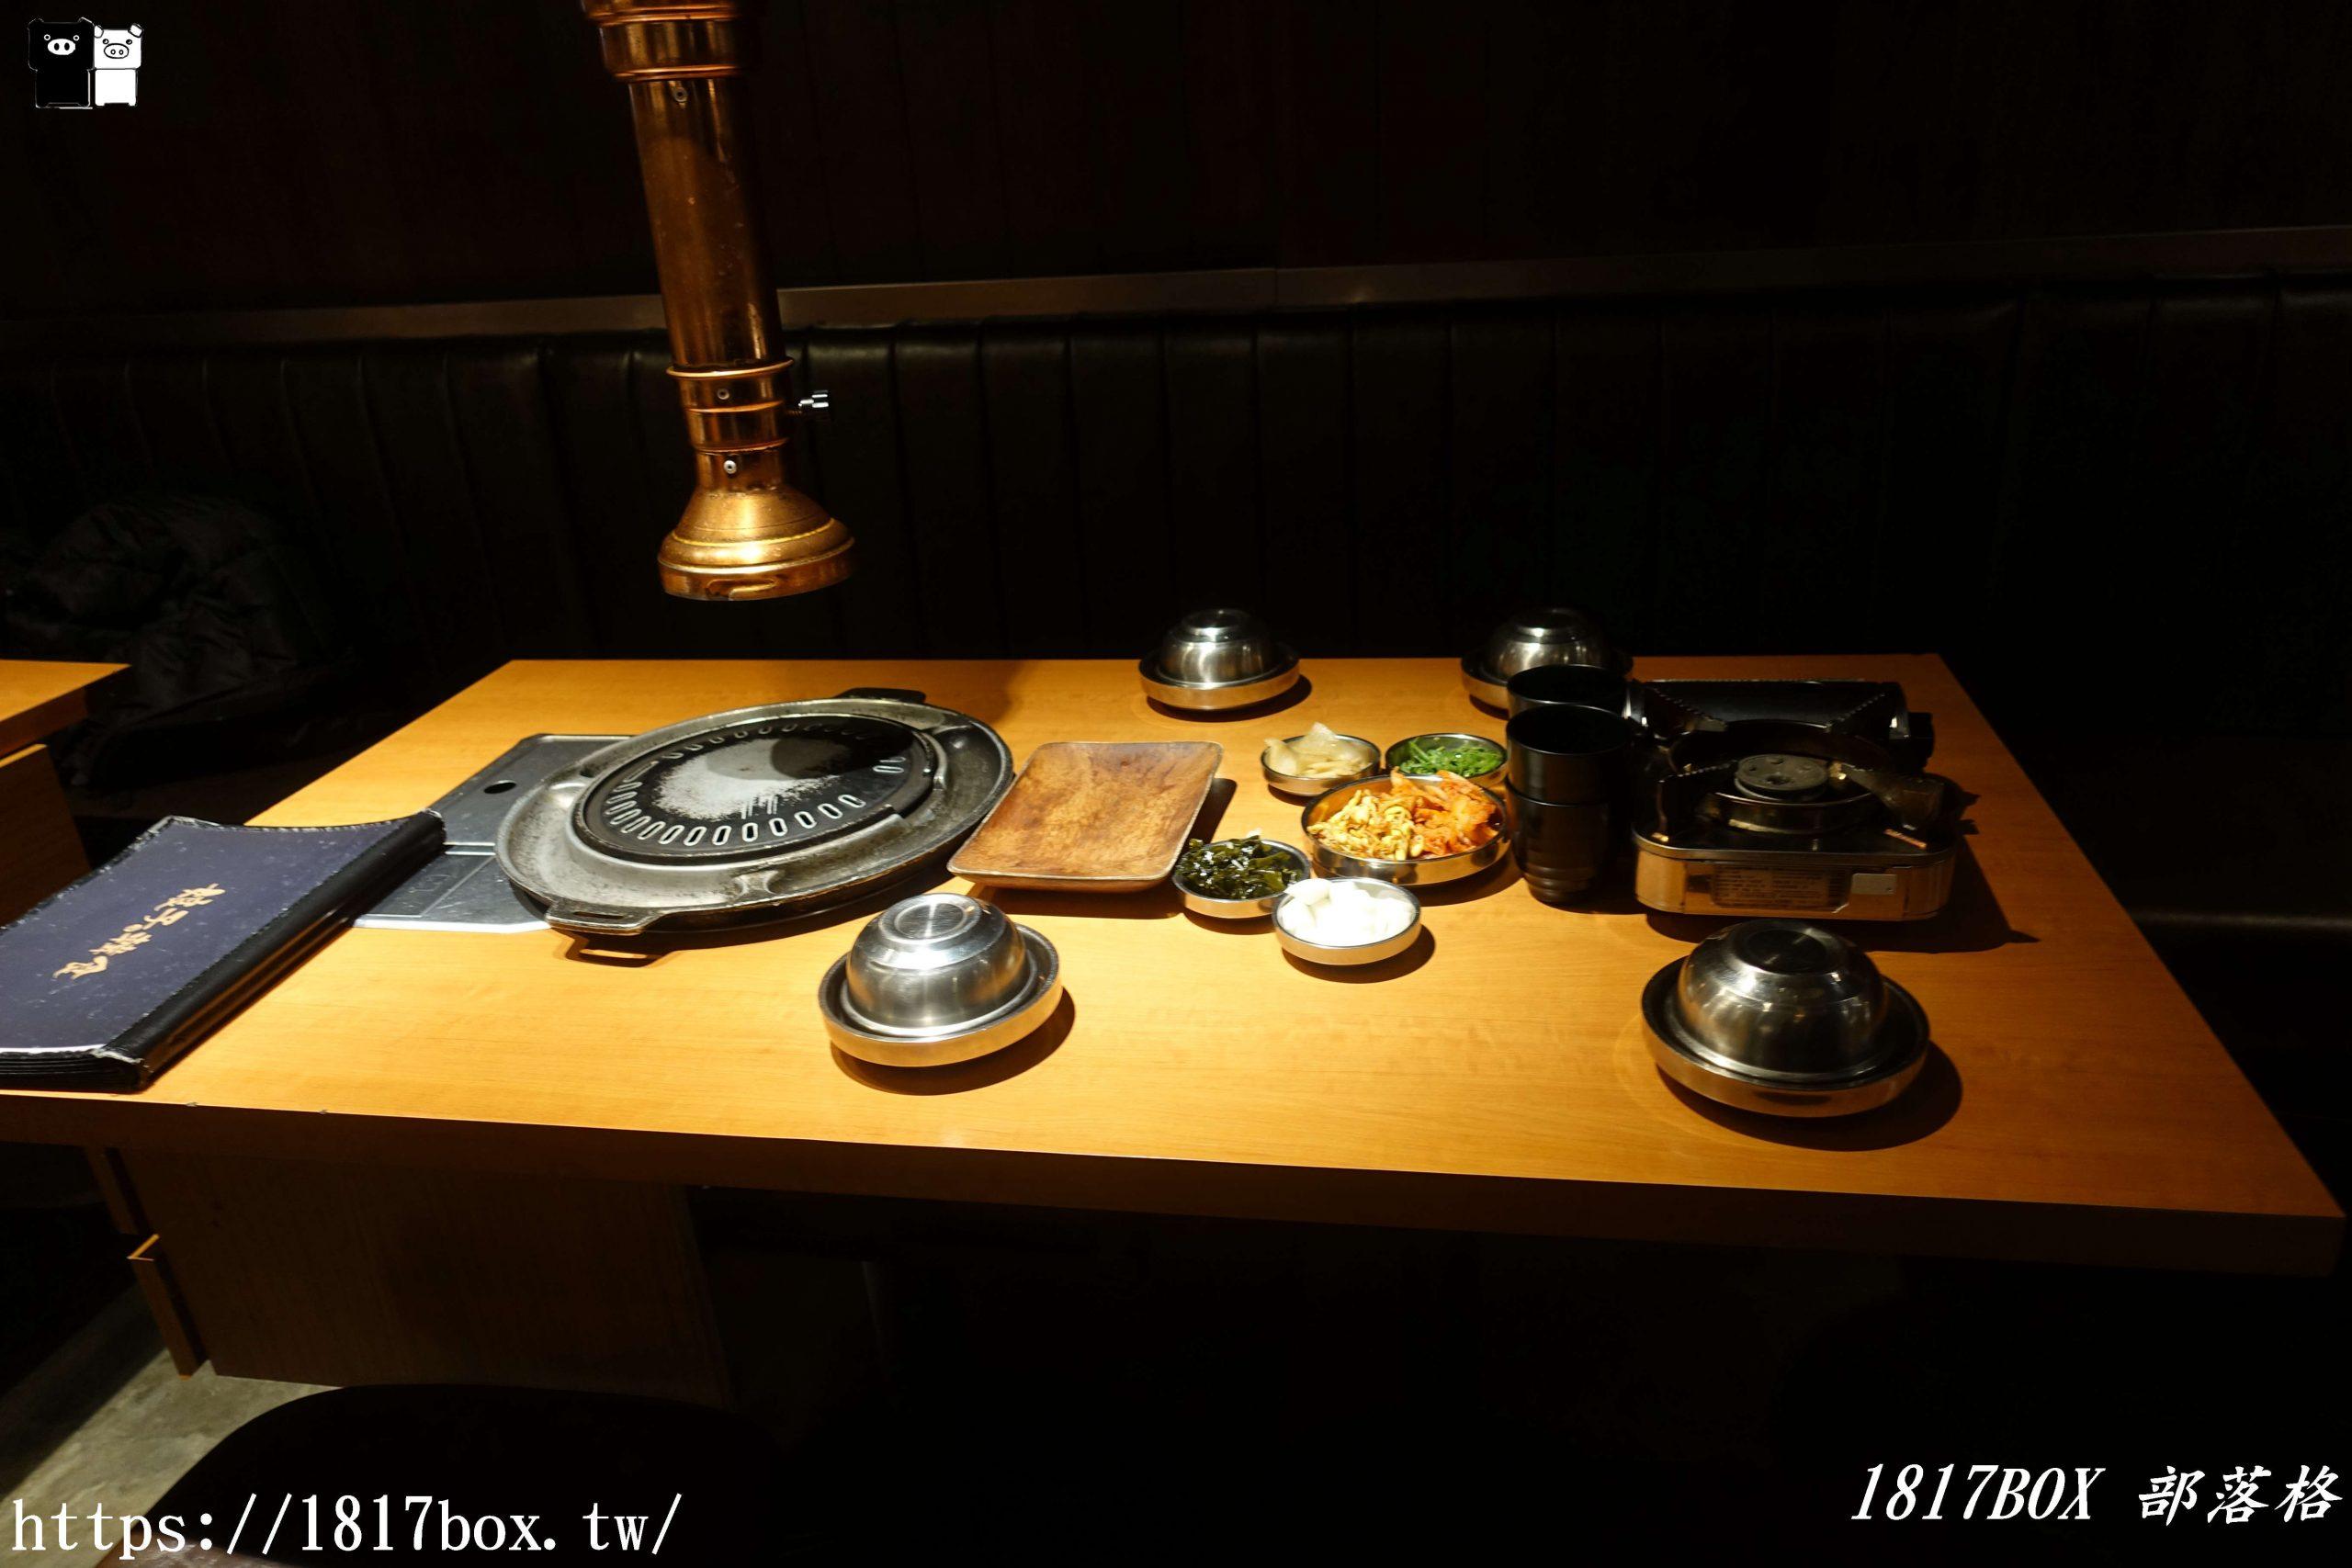 【台北。松山】娘子韓食-韓式燒肉-市民總店。小八色烤肉。桌邊烤肉服務 @1817BOX部落格